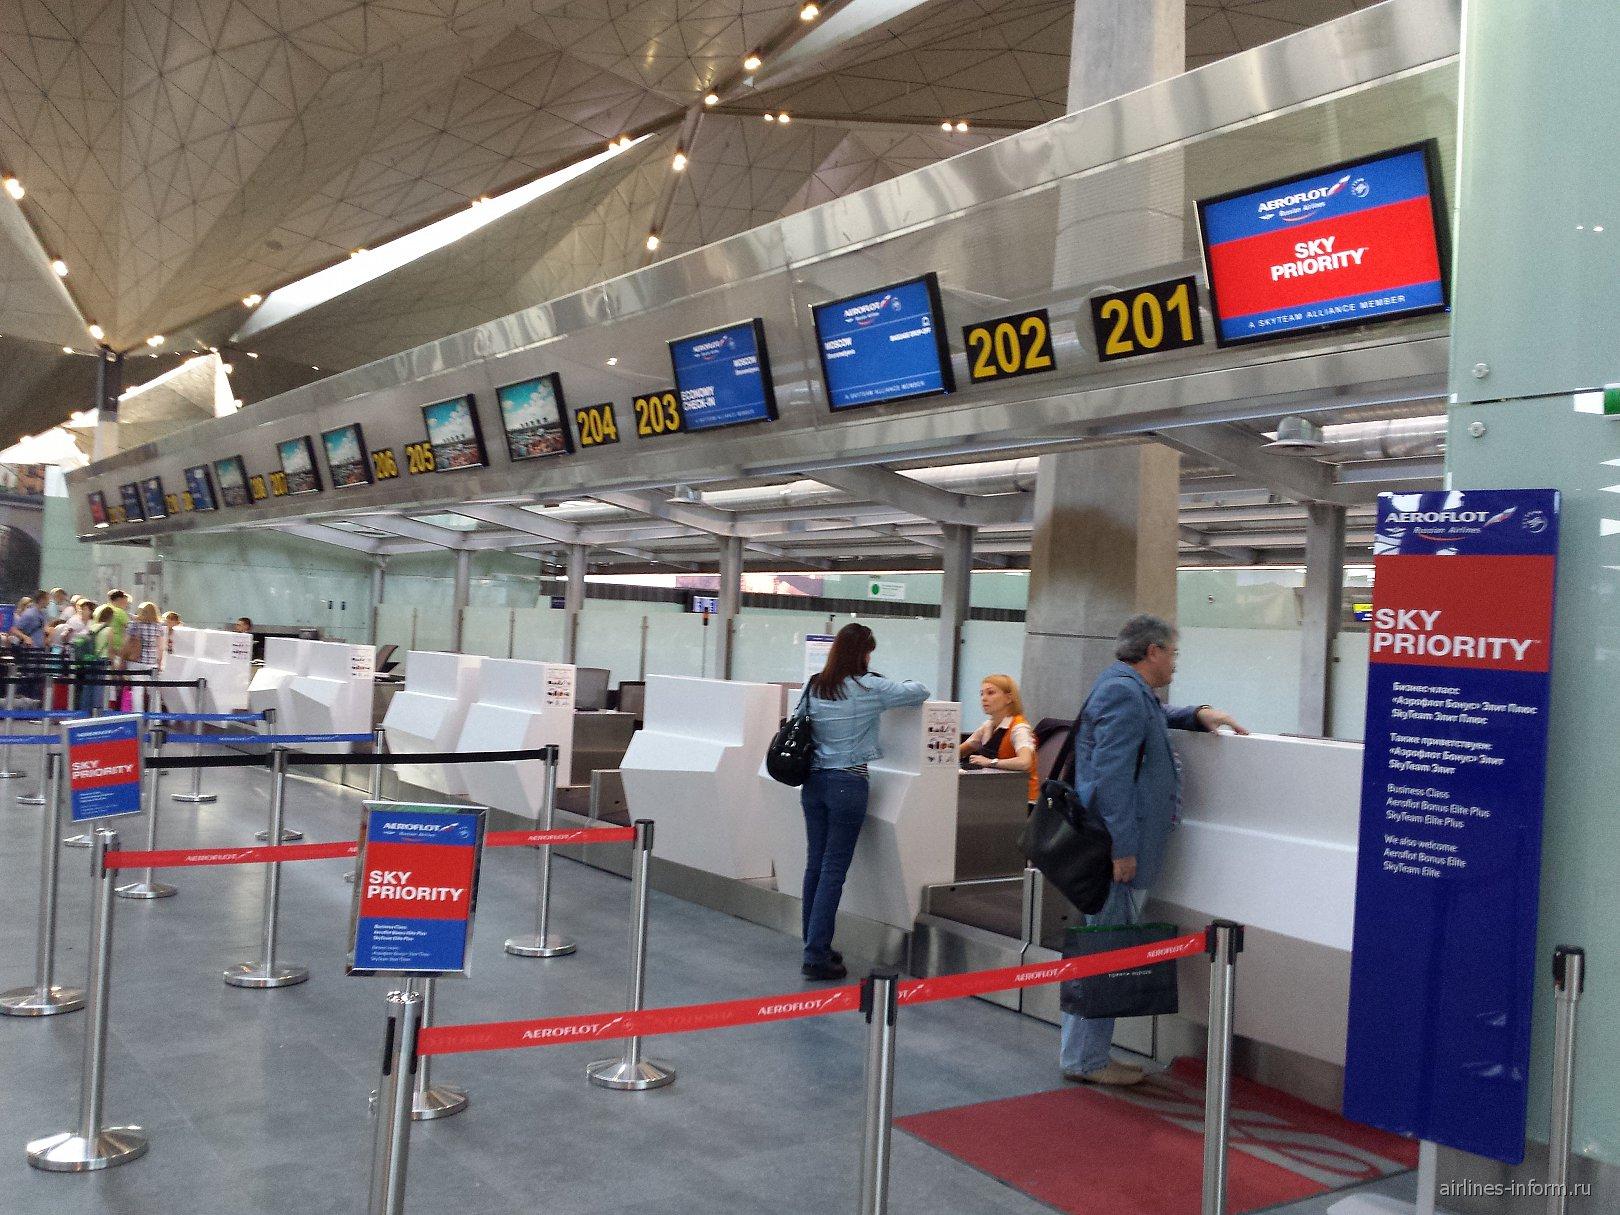 Стойки регистрации Аэрофлота в аэропорту Санкт-Петербург Пулково